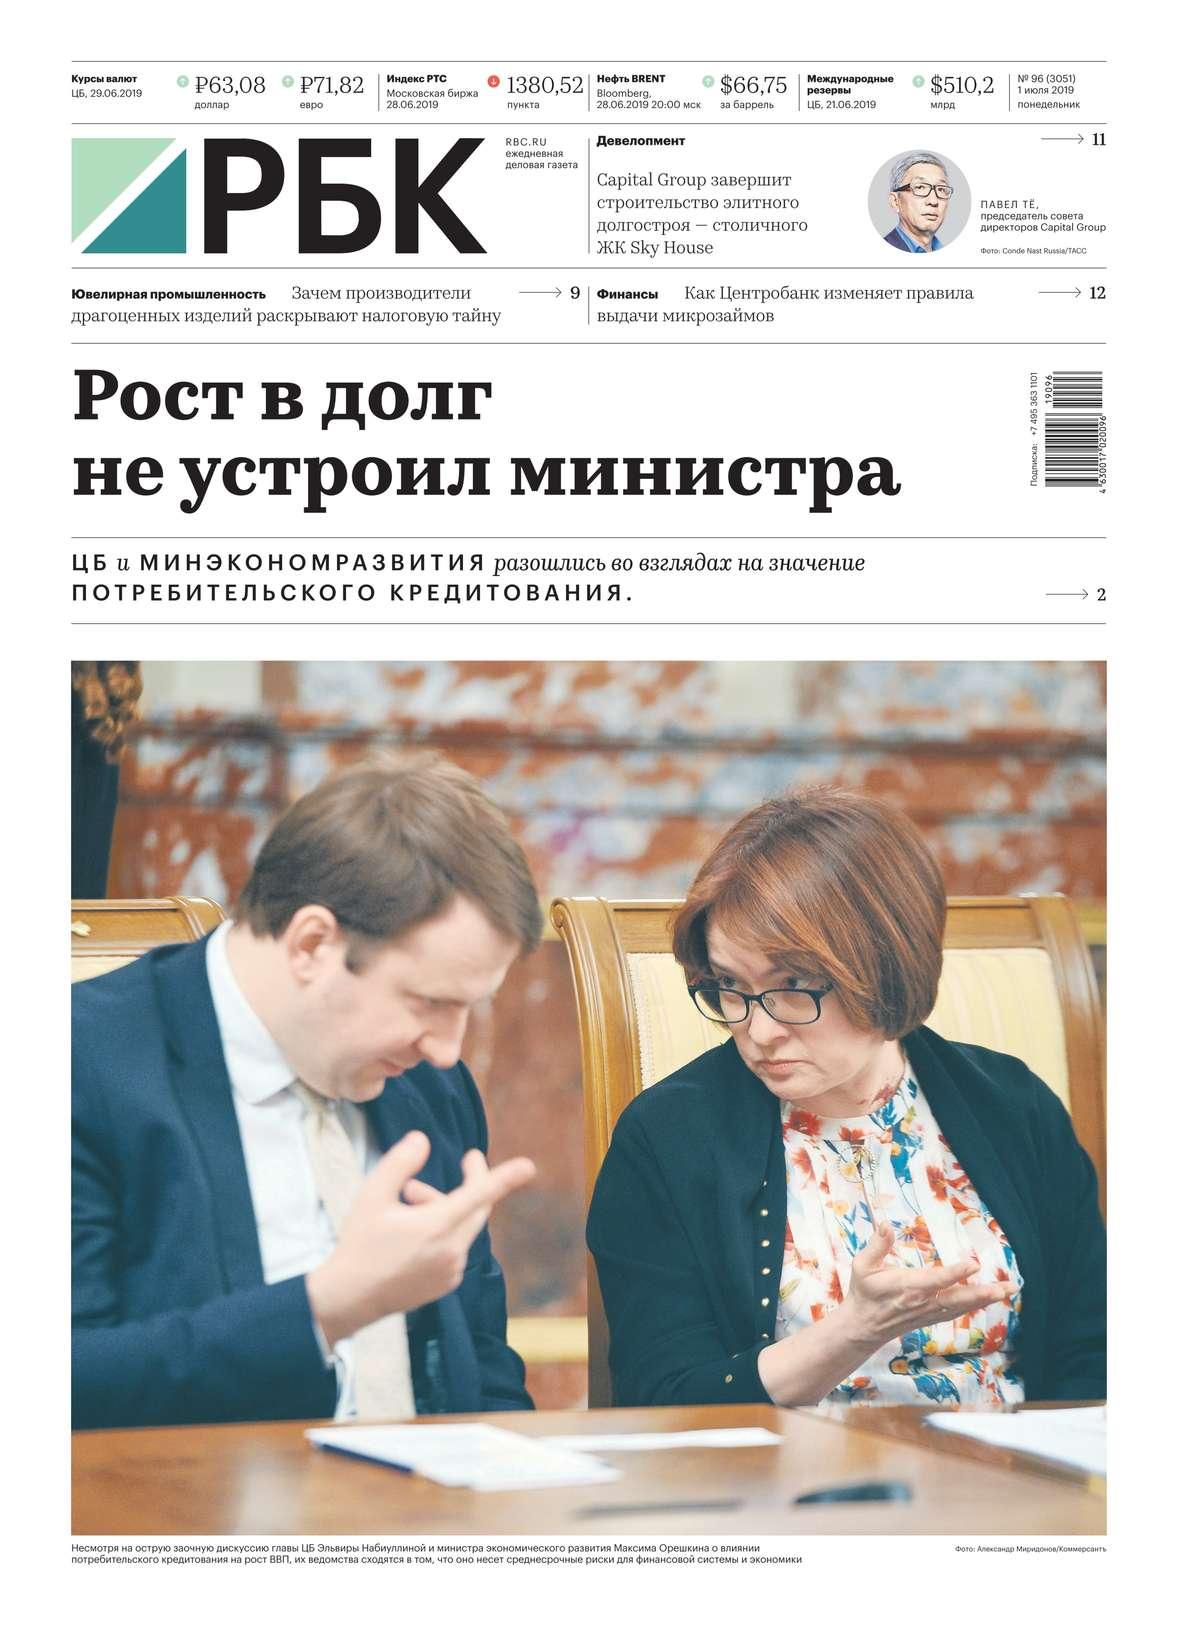 Ежедневная Деловая Газета Рбк 96-2019